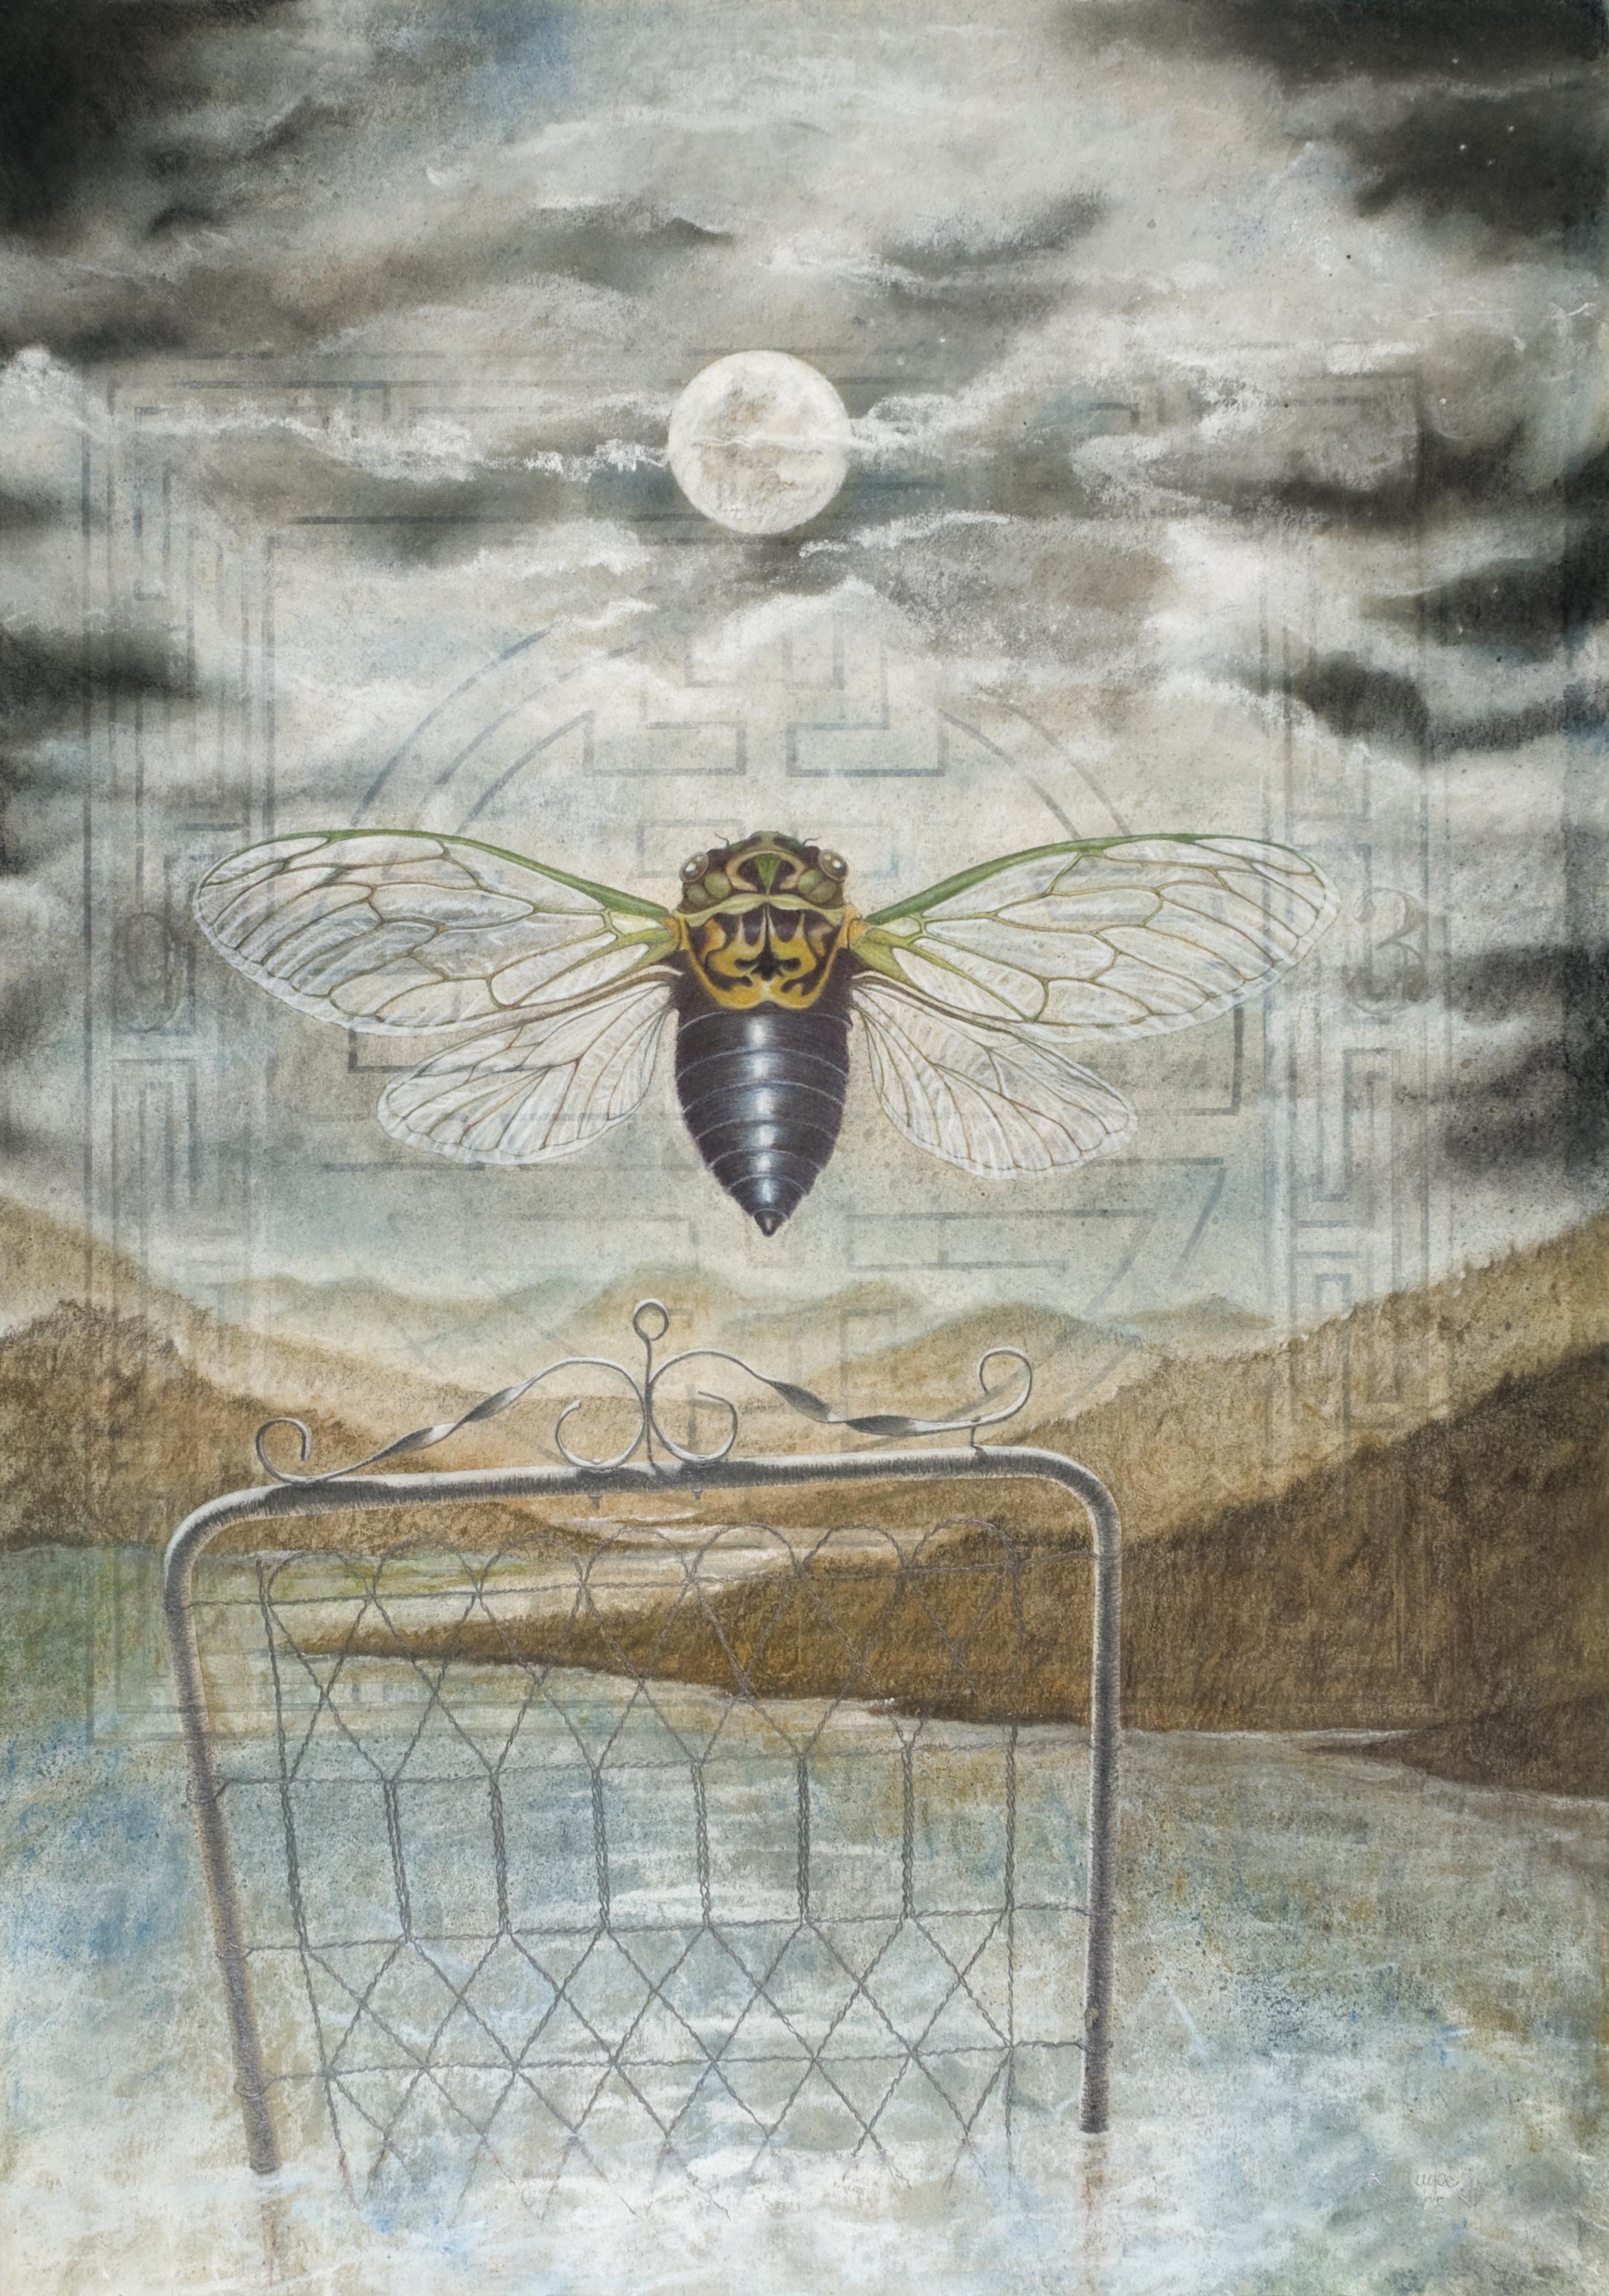 Locust Gate